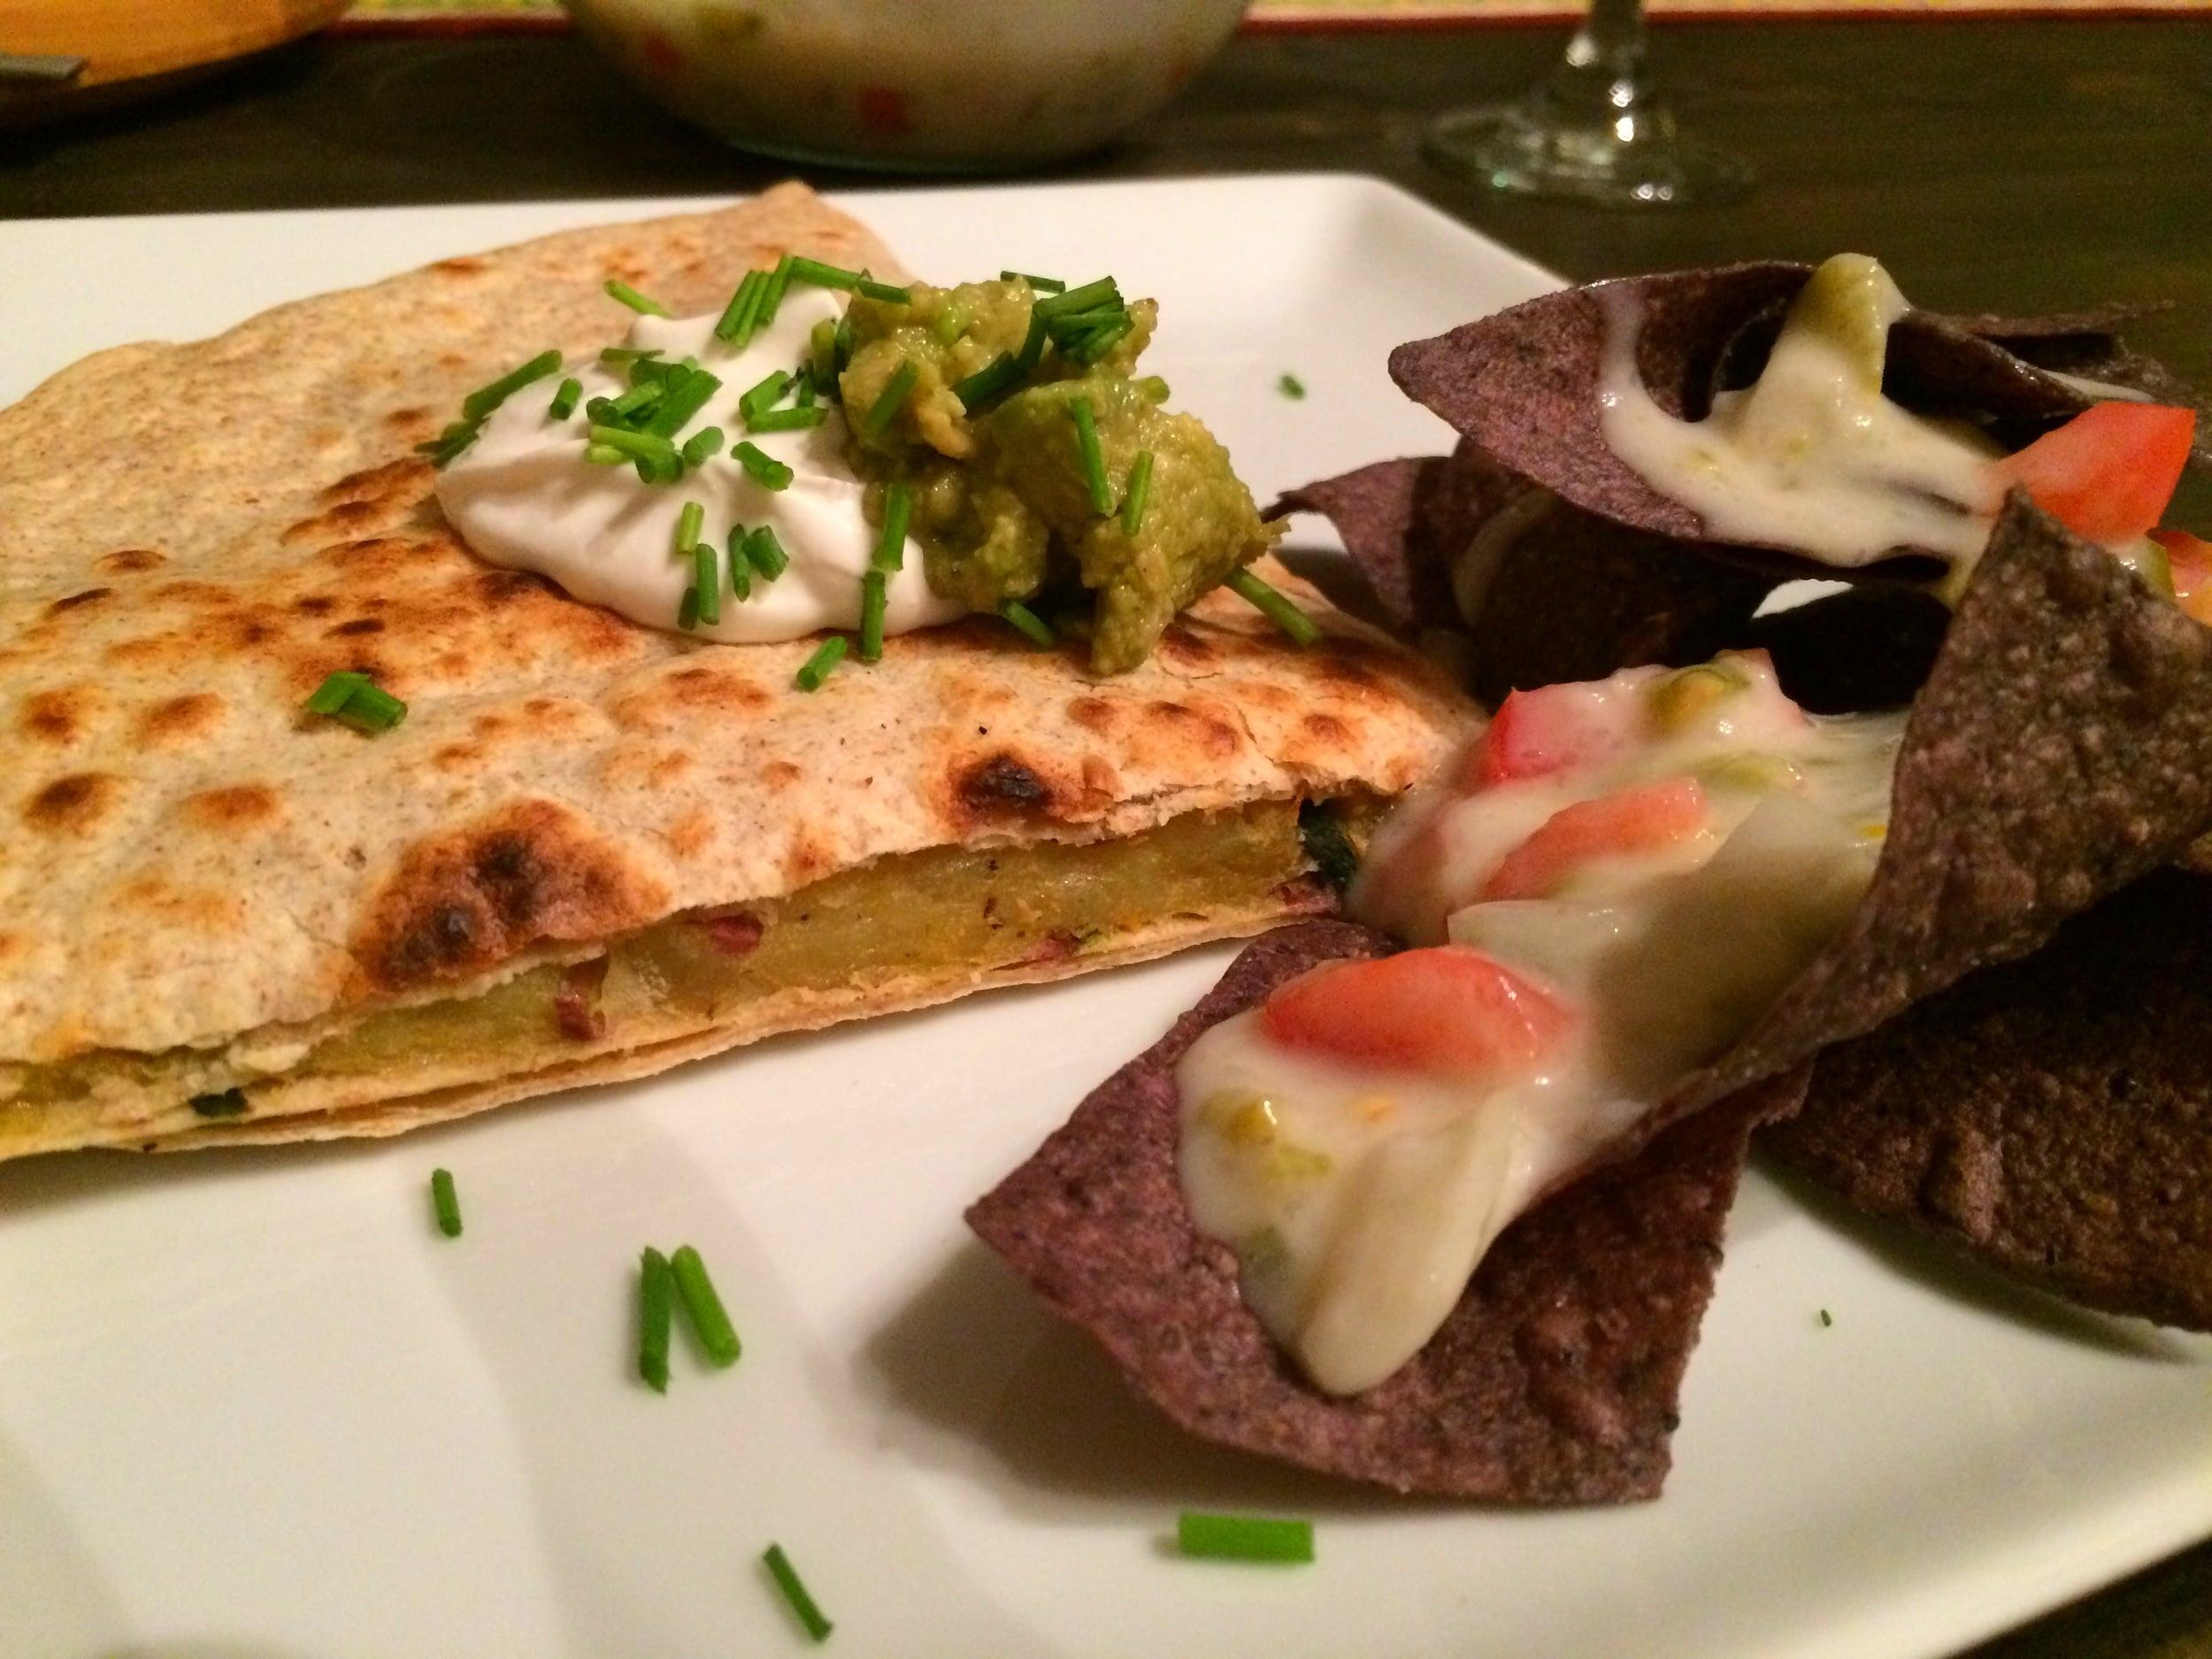 Quesadilla with Nachos